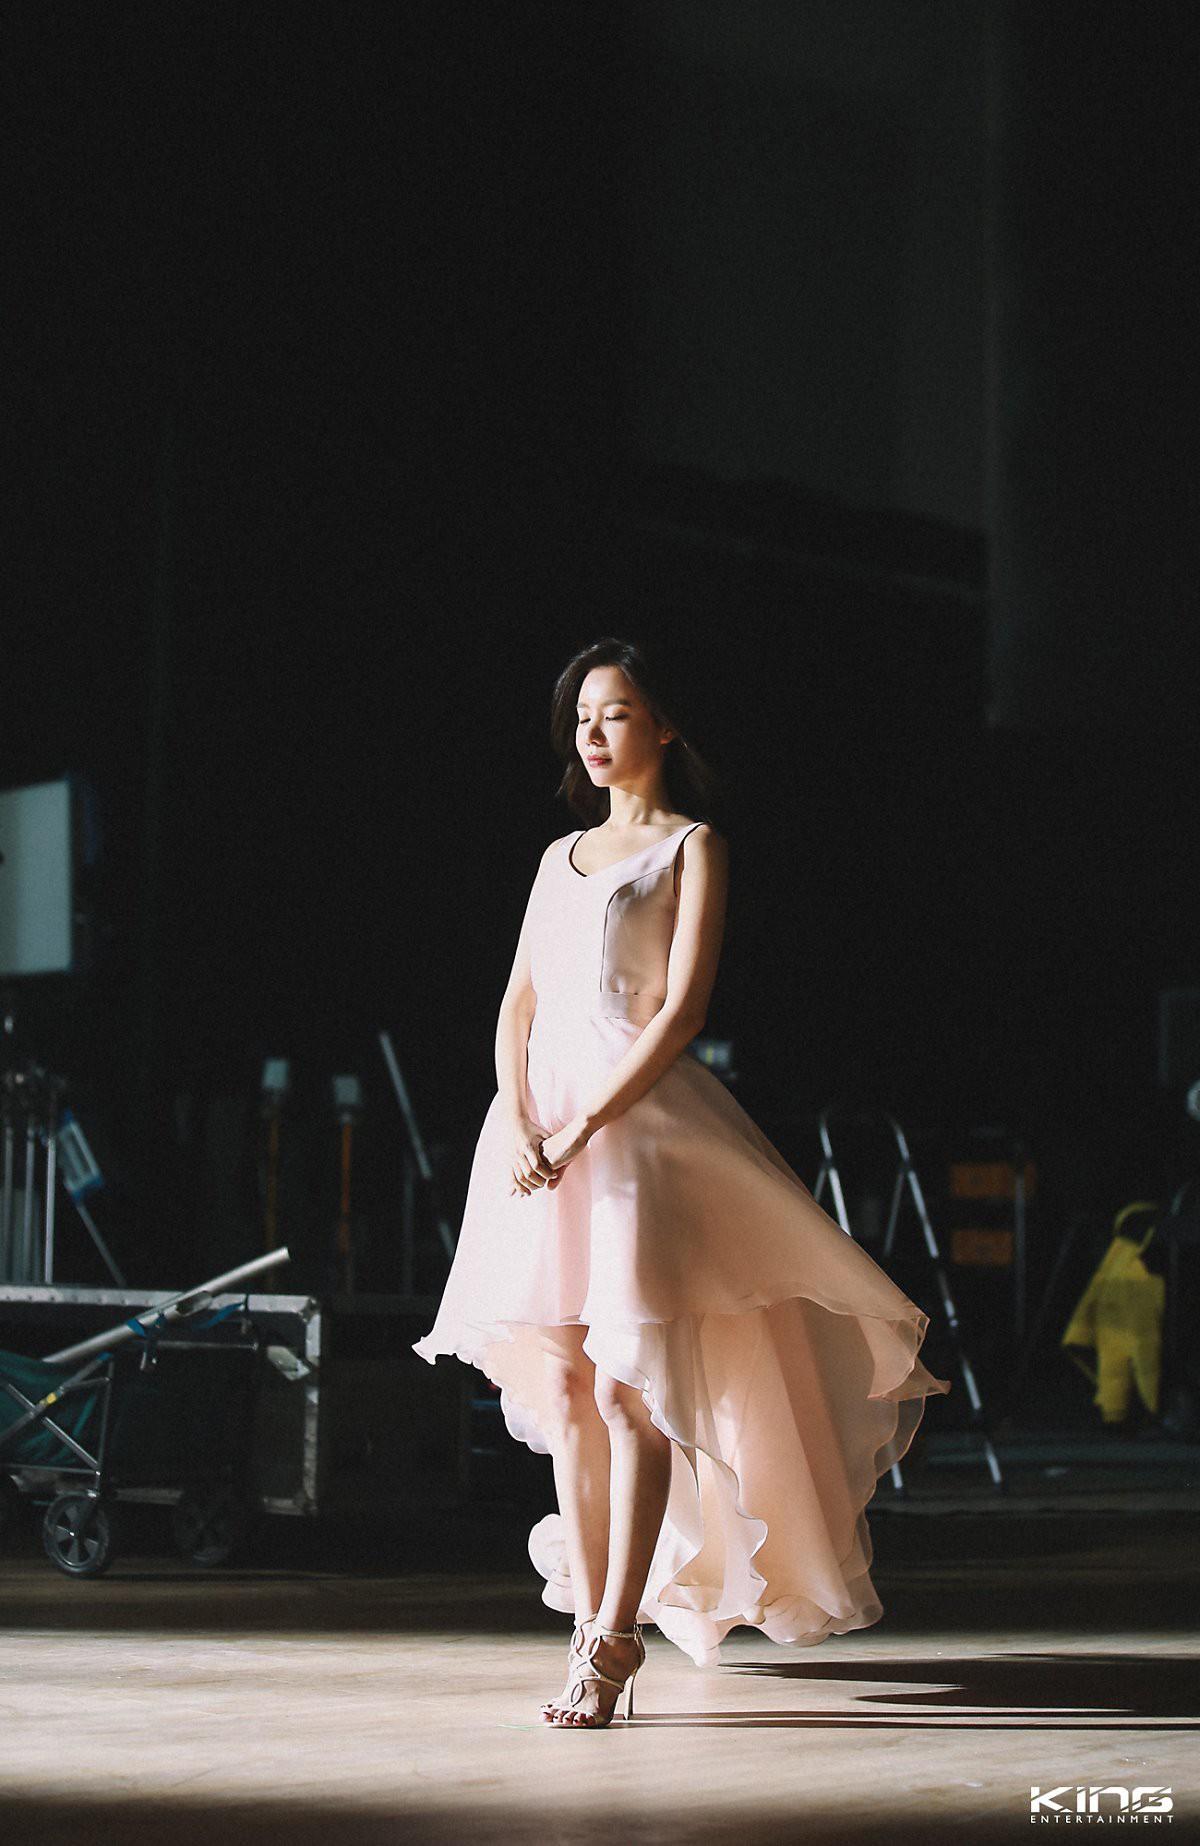 Chùm ảnh hậu trường gây sốt của mỹ nhân Sắc đẹp ngàn cân: U40 vẫn trẻ đẹp khó tin, chẳng thua gì Park Min Young - Ảnh 13.